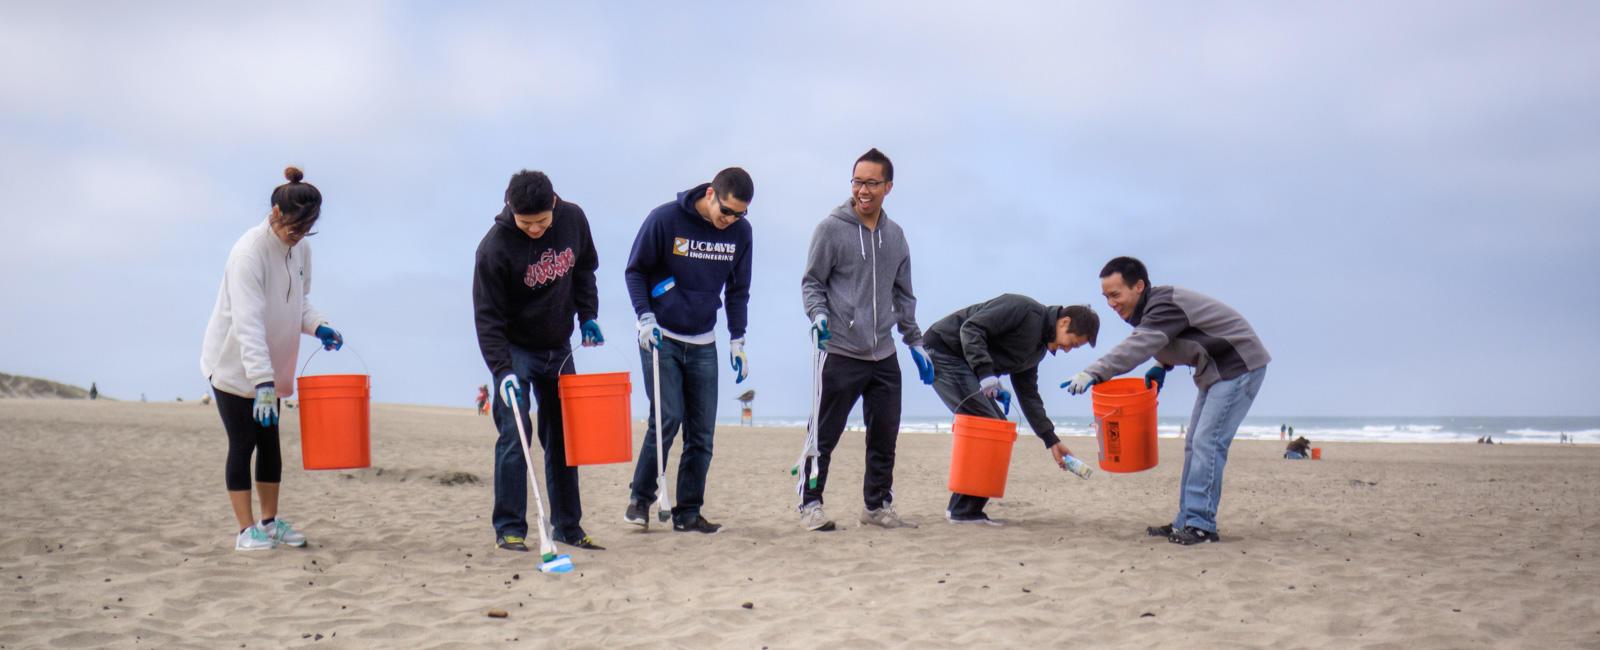 Volunteers at Coastal Clean-up Day